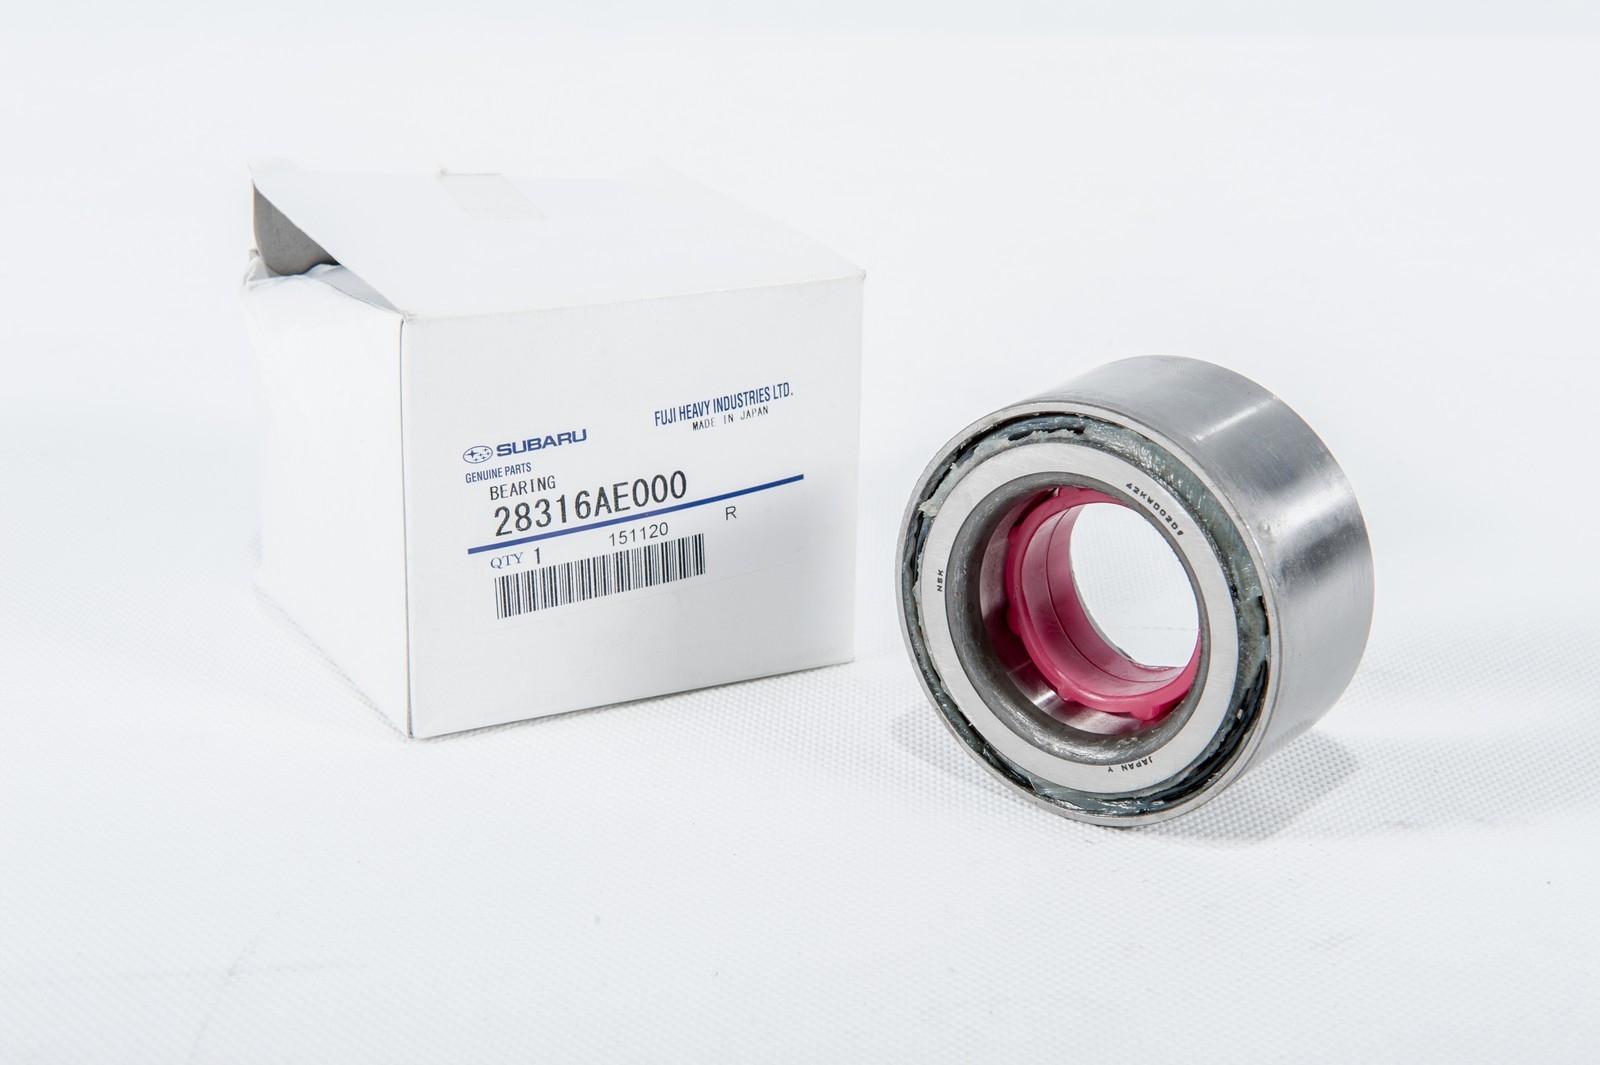 Łożysko koła przedniego Impreza GT/WRX/STI OEM 28316AE000